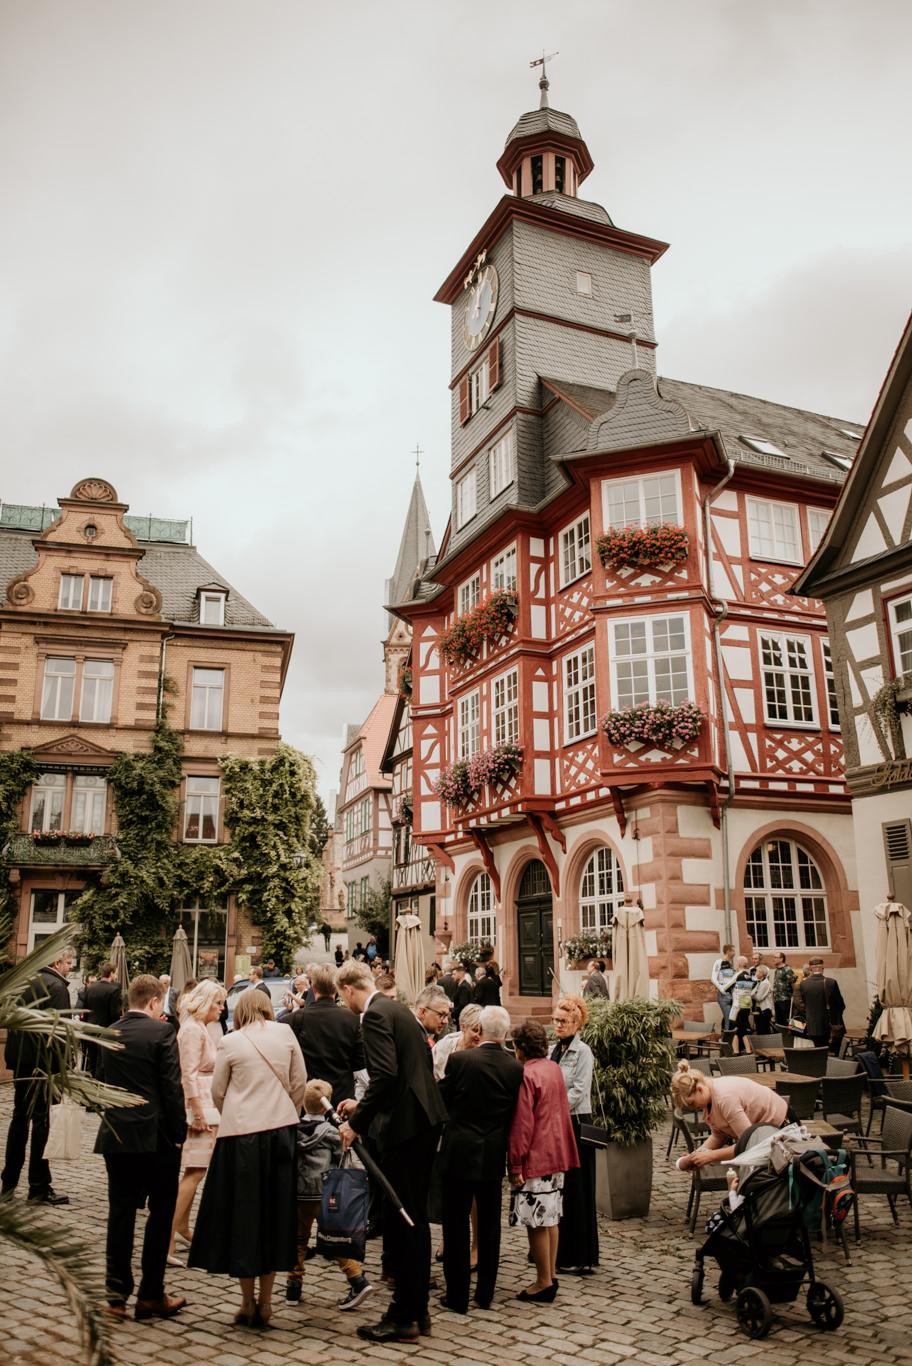 Hochzeitsfotograf Heppenheim Hochzeit Fotos Bensheim Marktplatz Hochzeitsbilder Mannheim